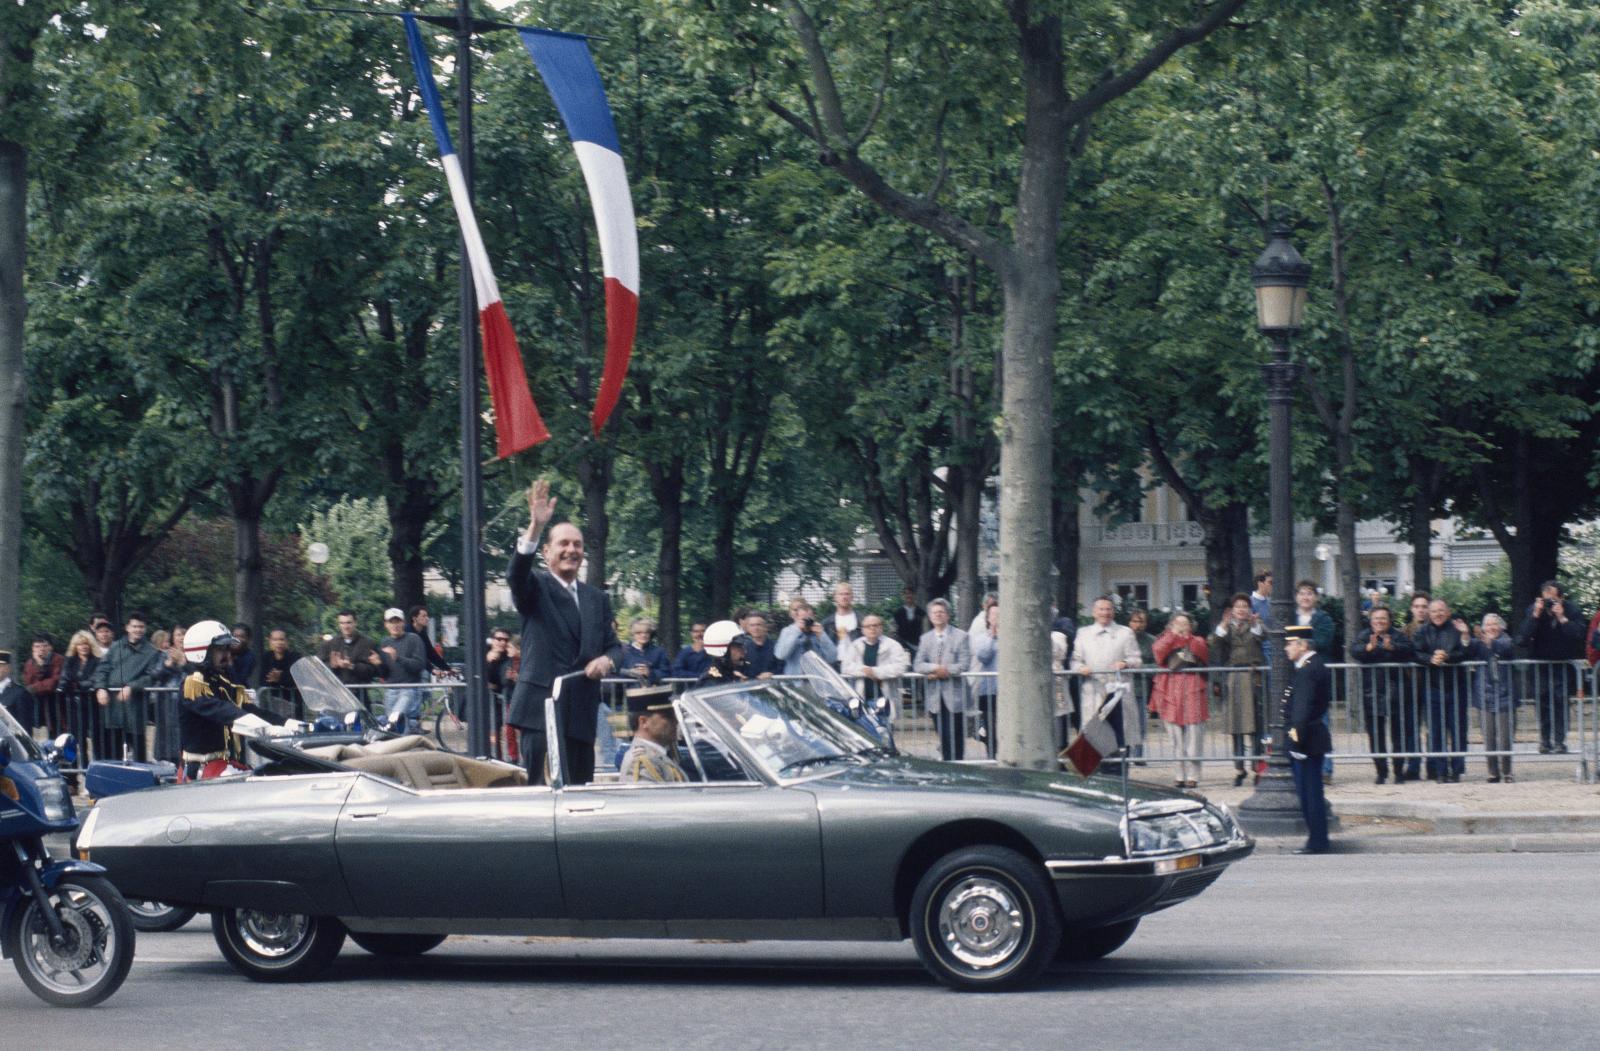 Jacques Chirac a bordo do SM Presidencial - 1995